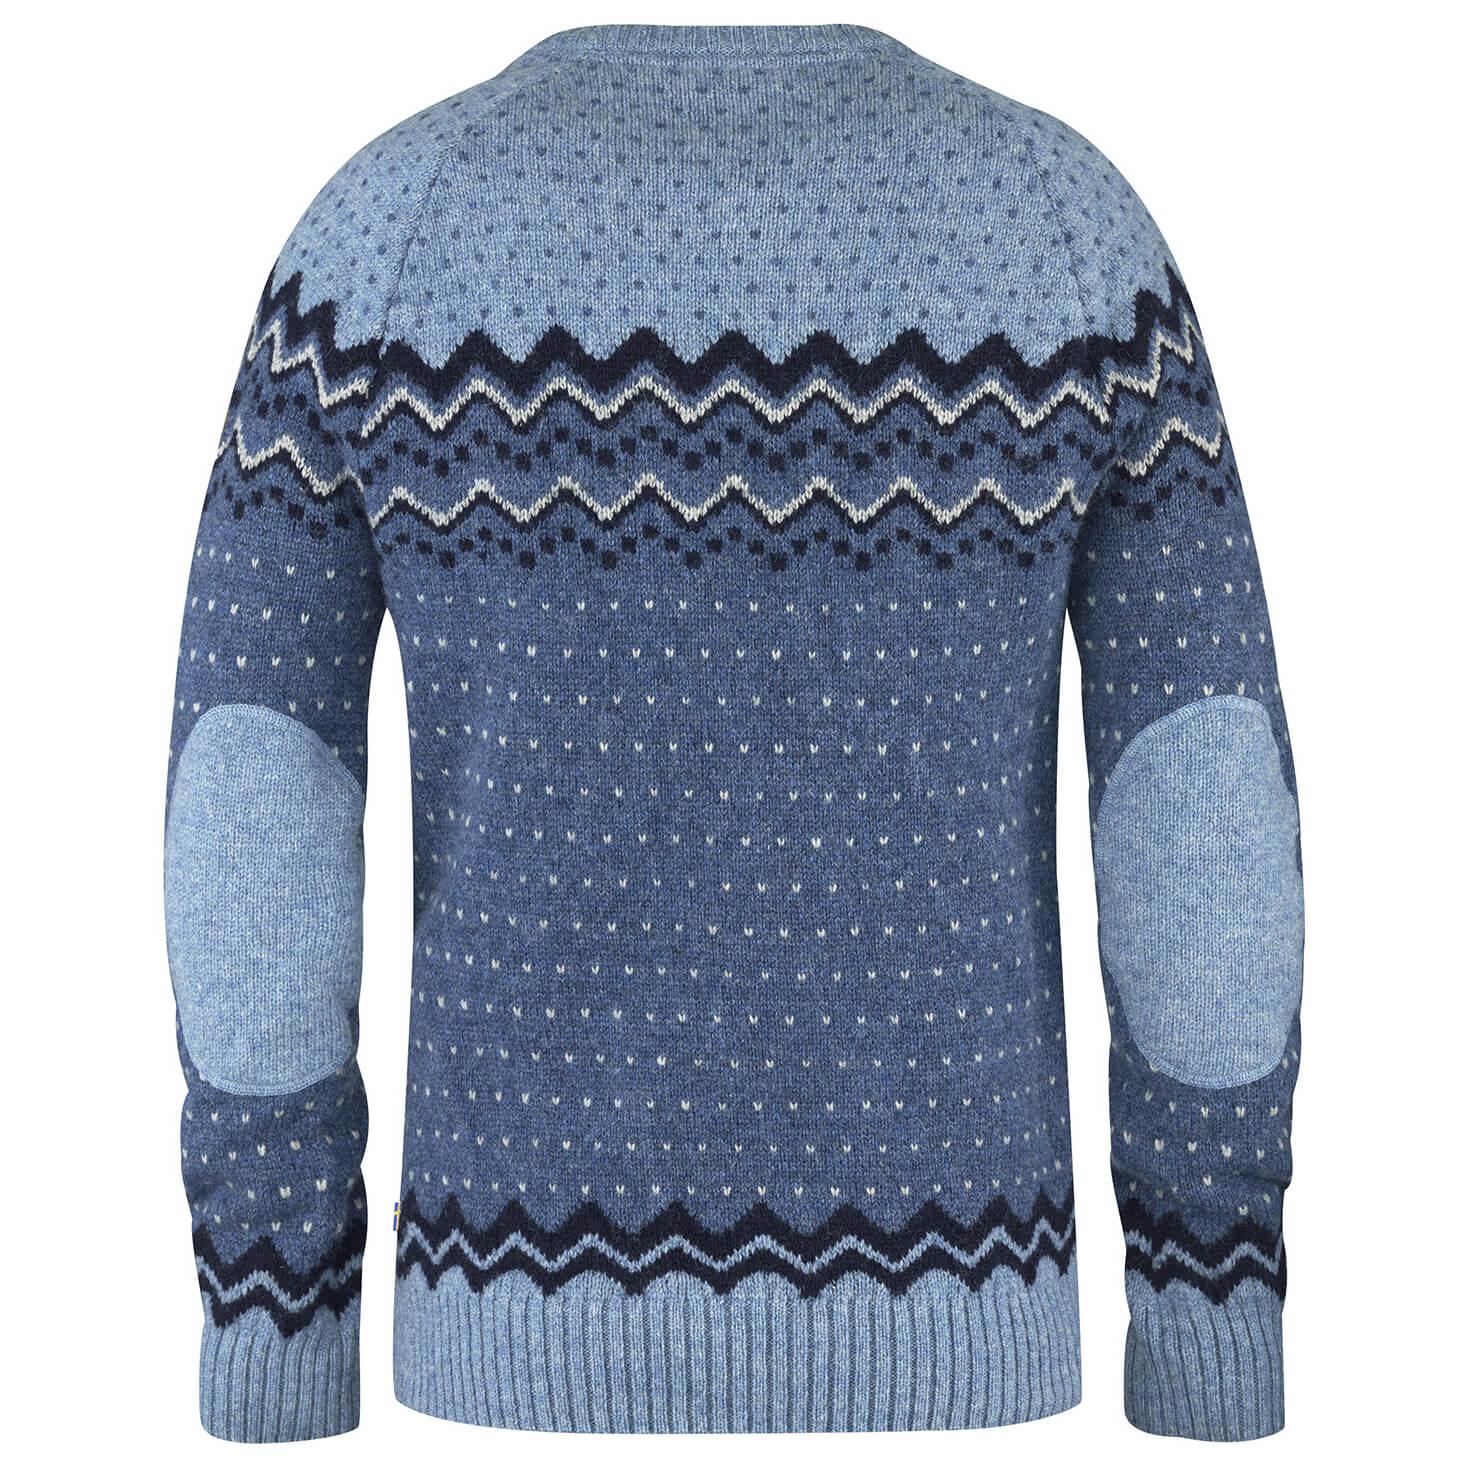 verkauft Kaufen Sie Authentic hochwertige Materialien Fjällräven - Övik Knit Sweater - Pullover - Acorn | XS